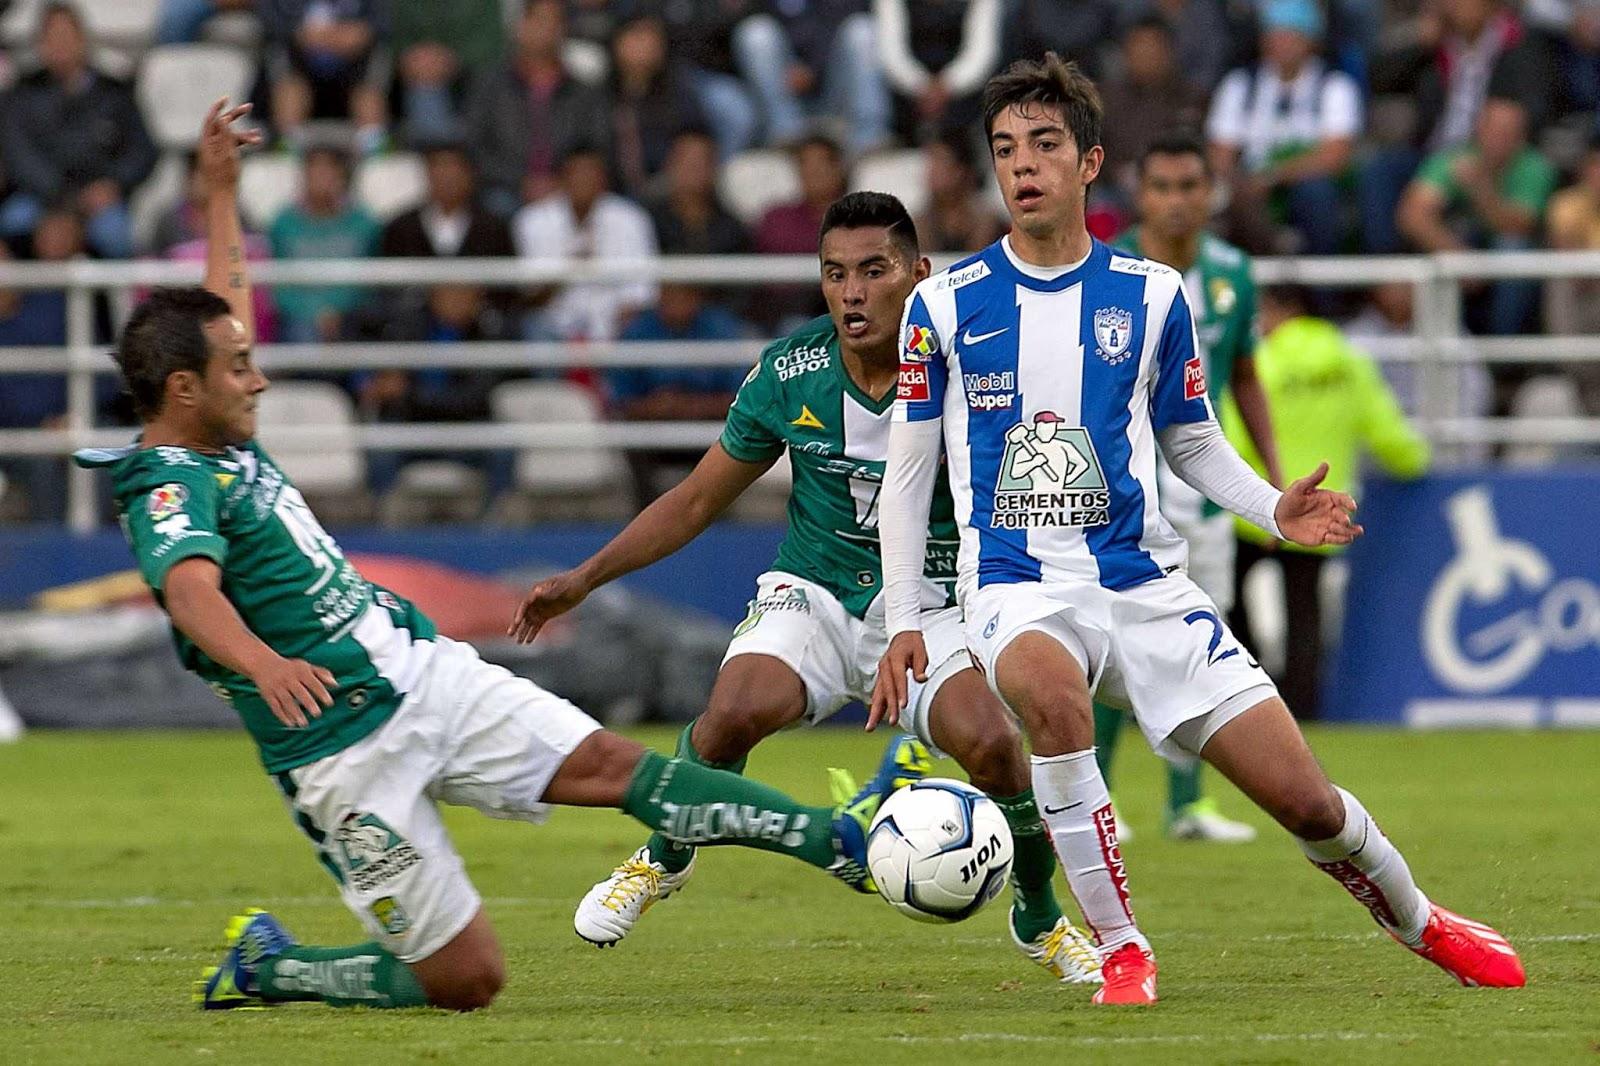 Pachuca vs León Imagen TV